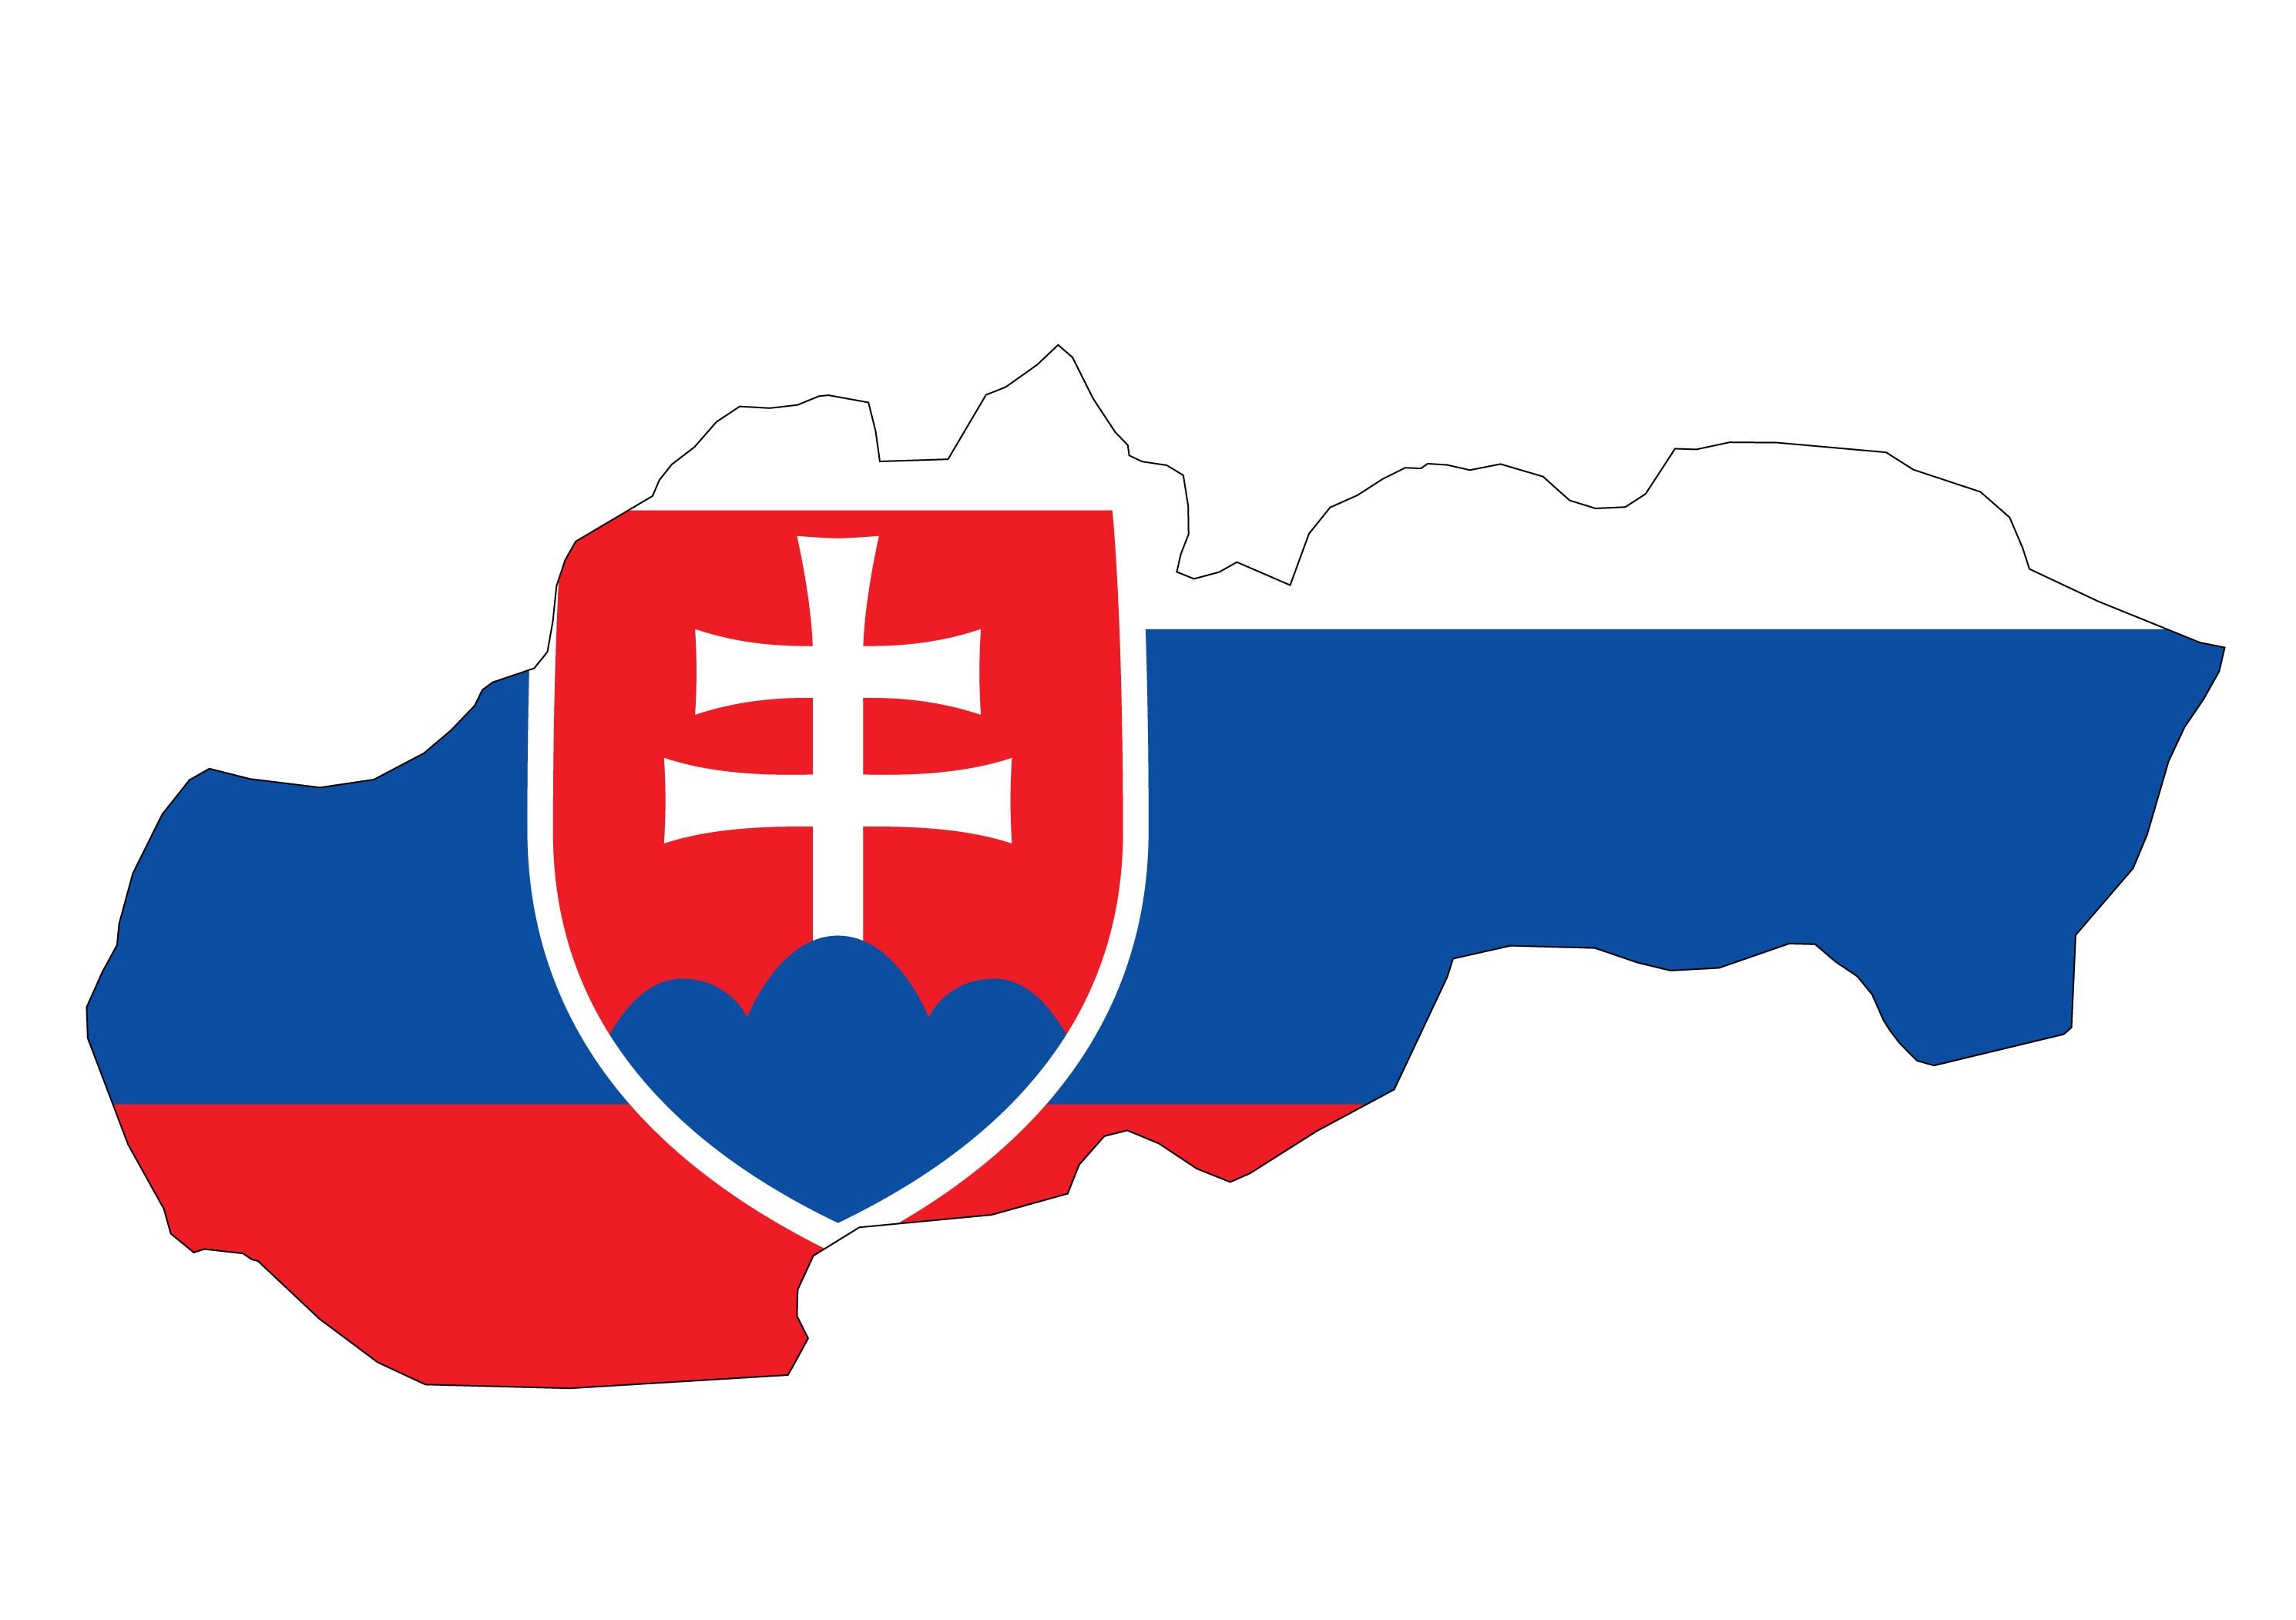 World of Freight EXPO 2021 Fuarı 6 - 8 Ekim 2021 Tarihlerinde Slovakya'da Düzenlenecek